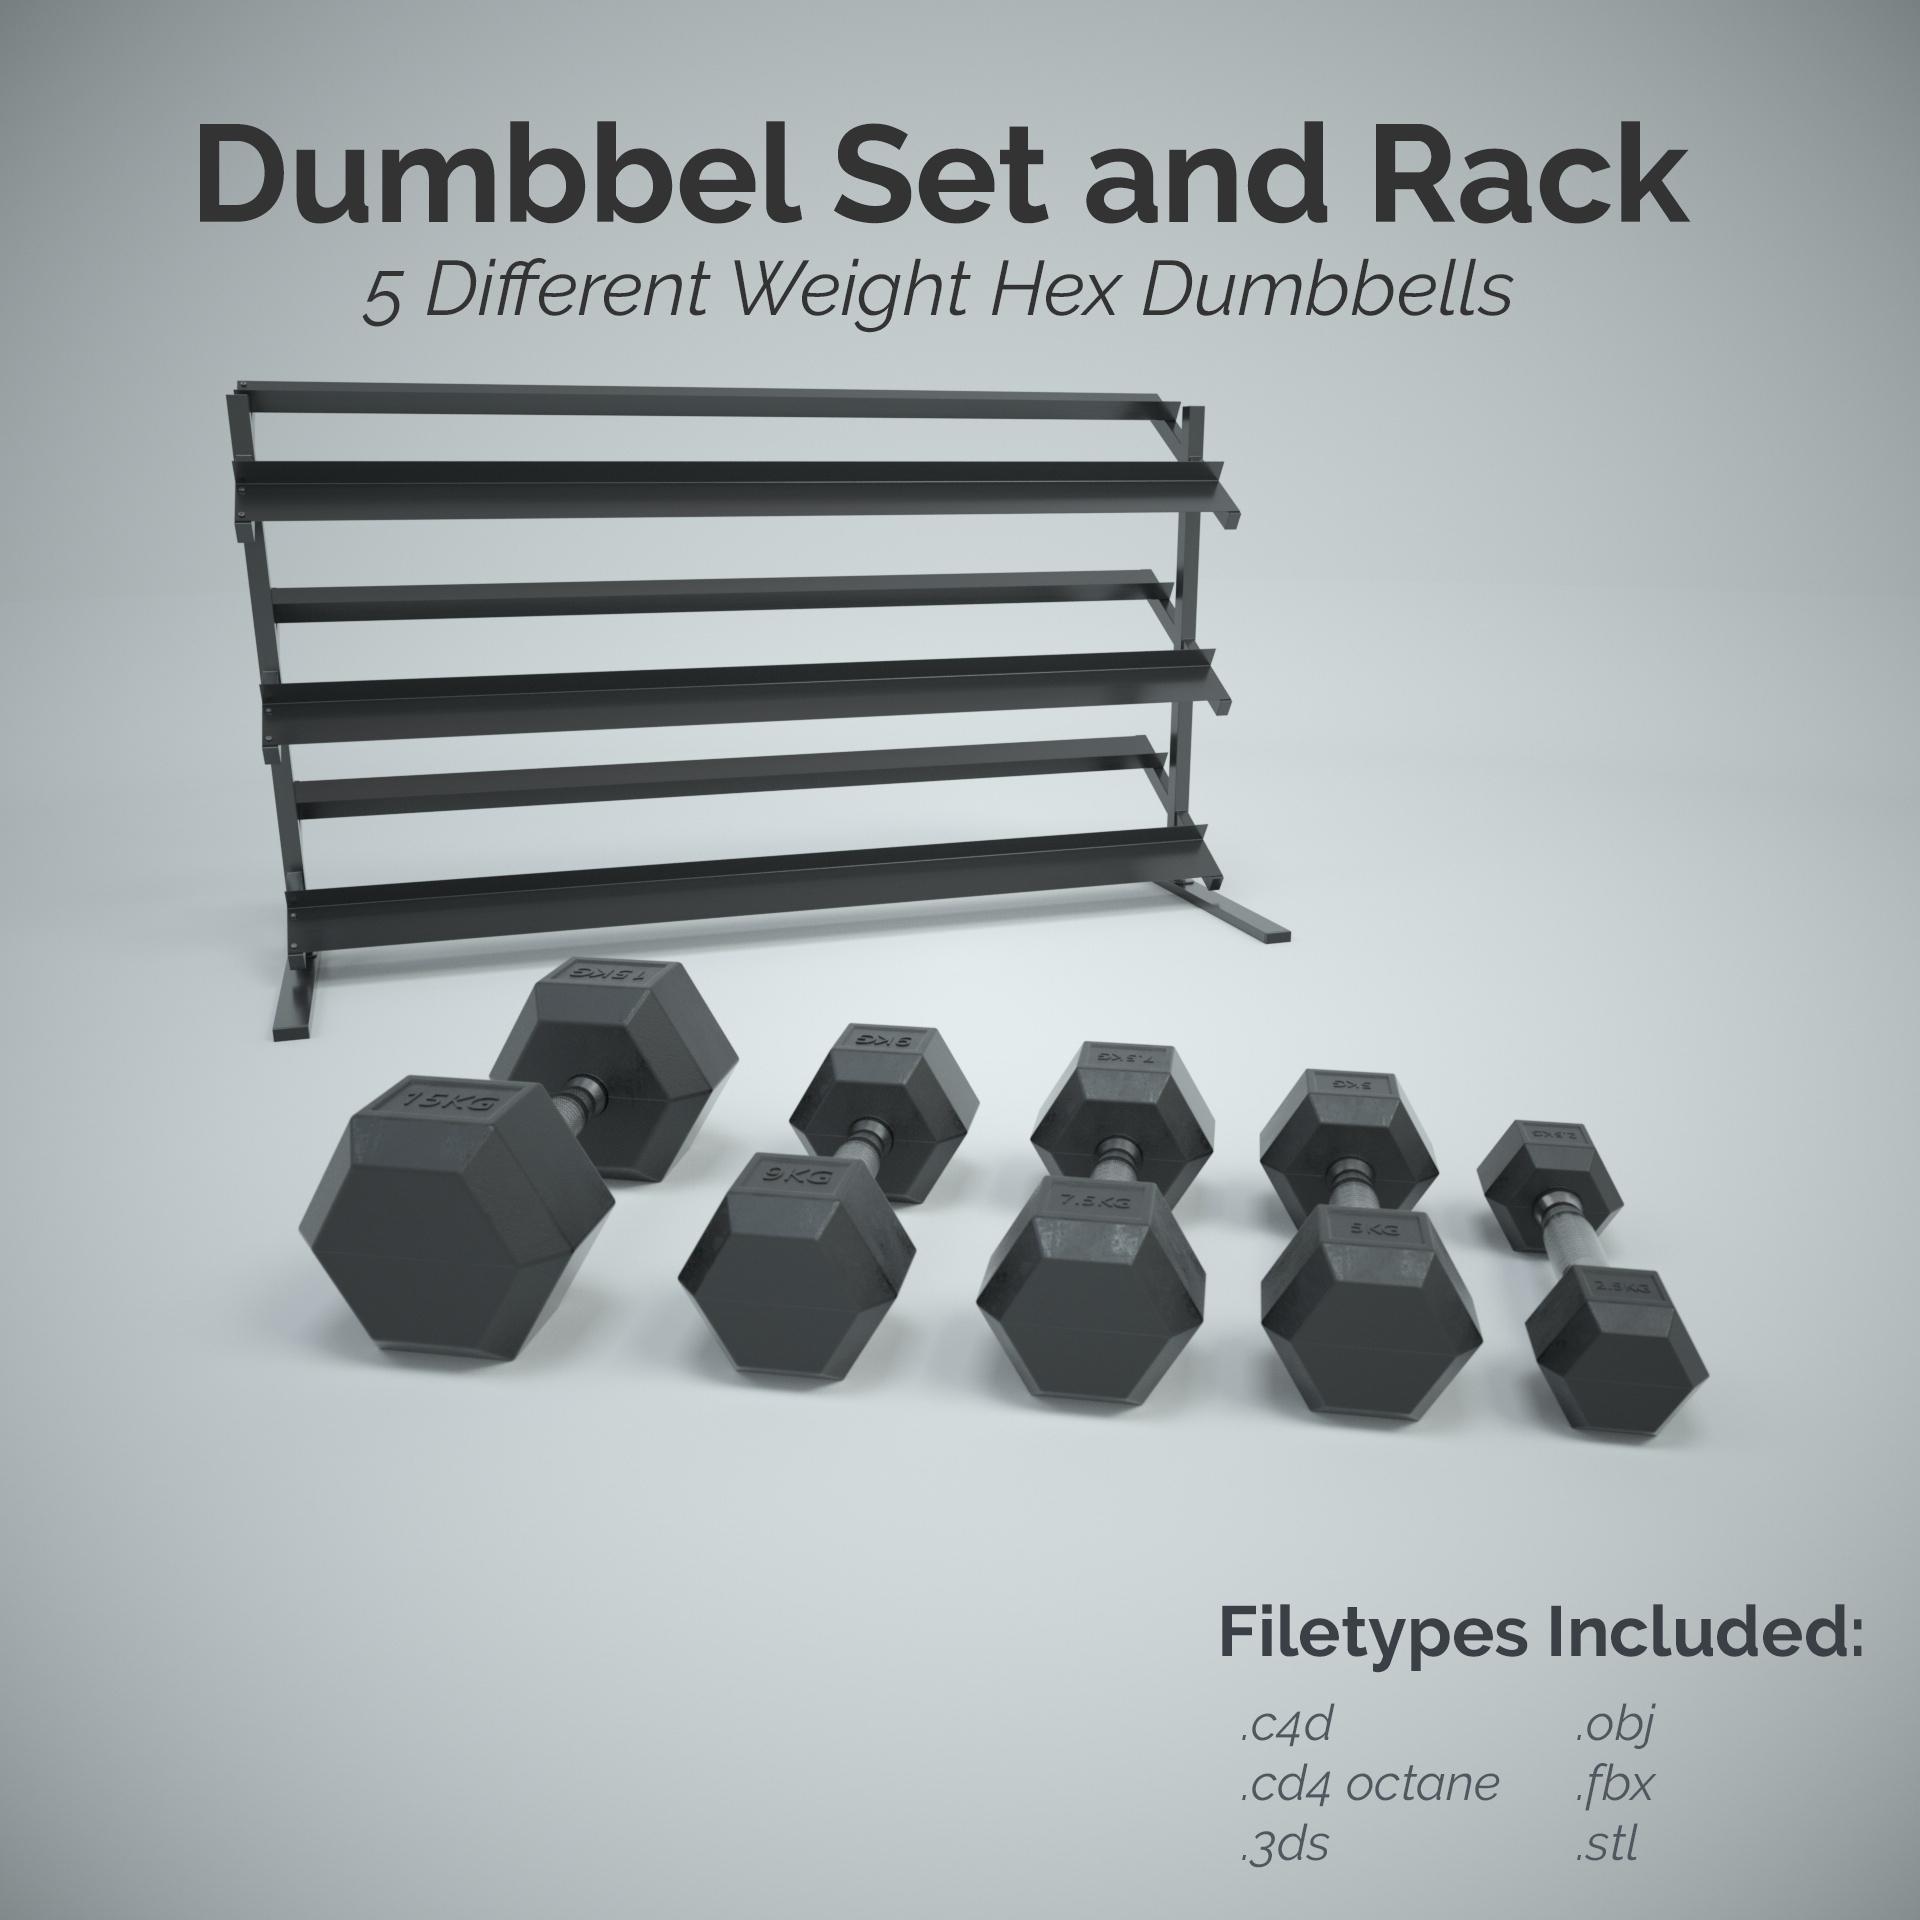 Dumbbell Racks Dumbbell Hexagonal Steel Household Small Dumbbell Bracket Storage Gym Commercial Color : Black, Size : 434278cm